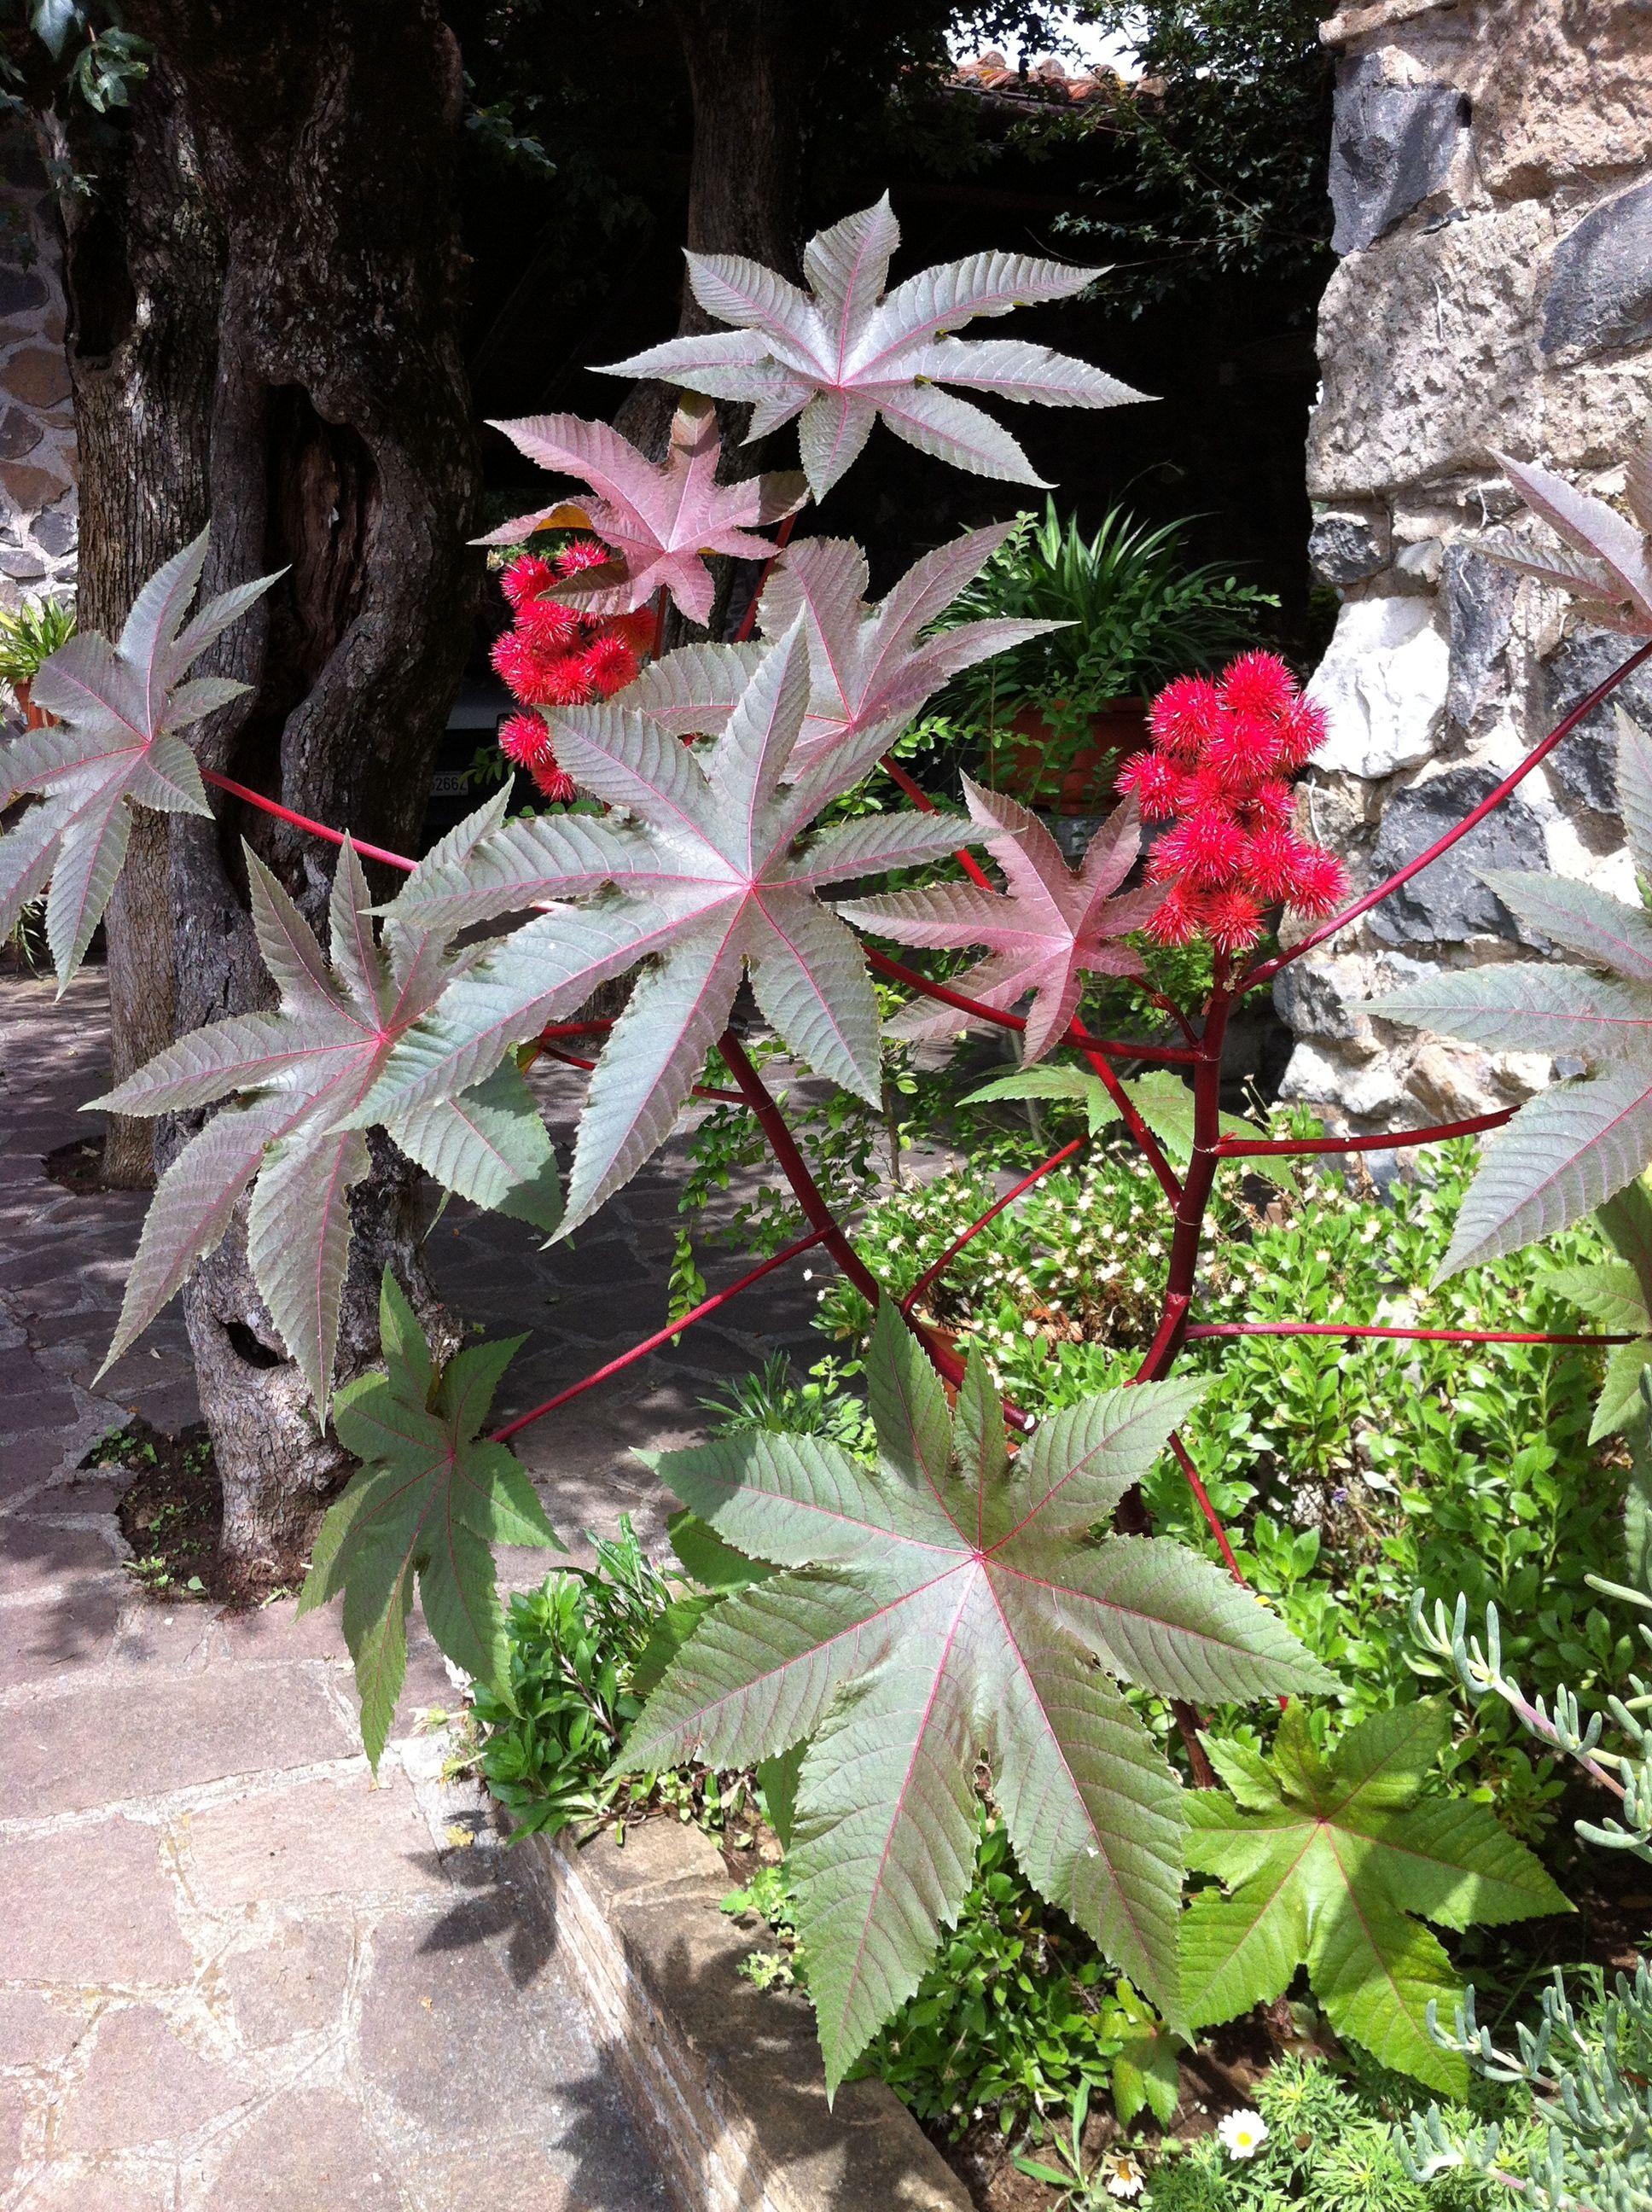 Pianta di ricino foto di giuseppina ceraso http://crocettando.wordpress.com